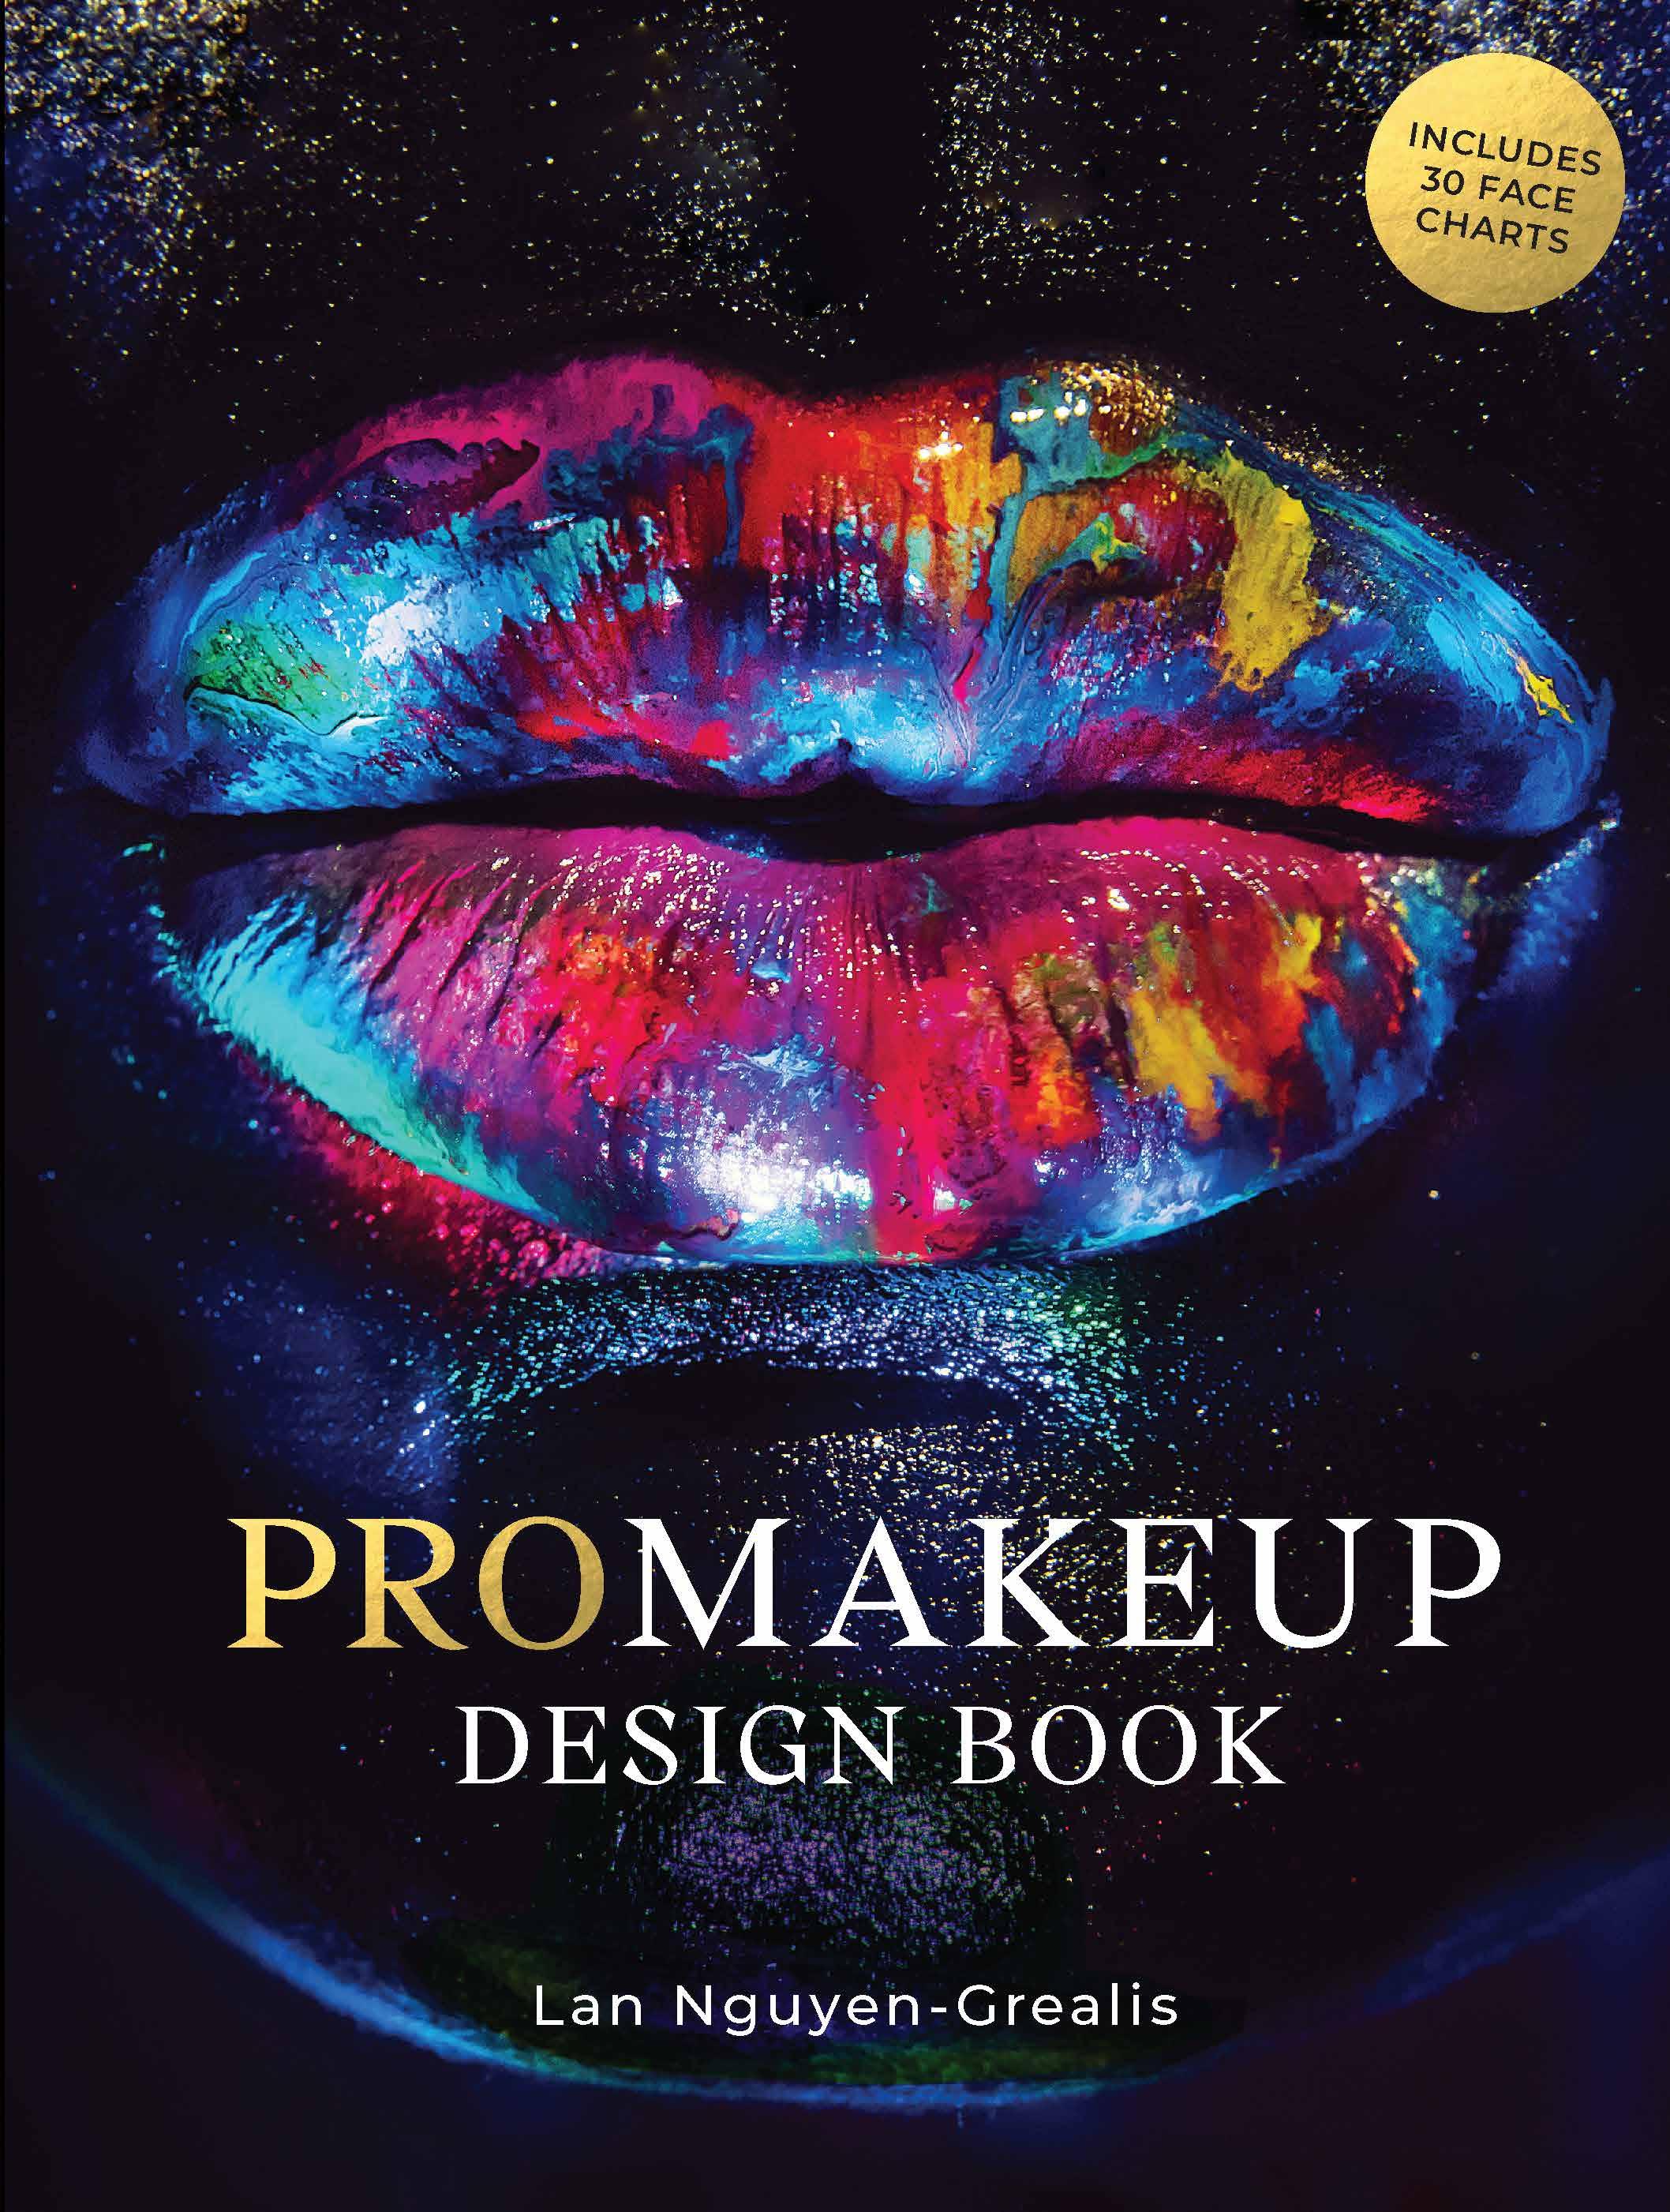 ProMakeup Design Book - Product Thumbnail